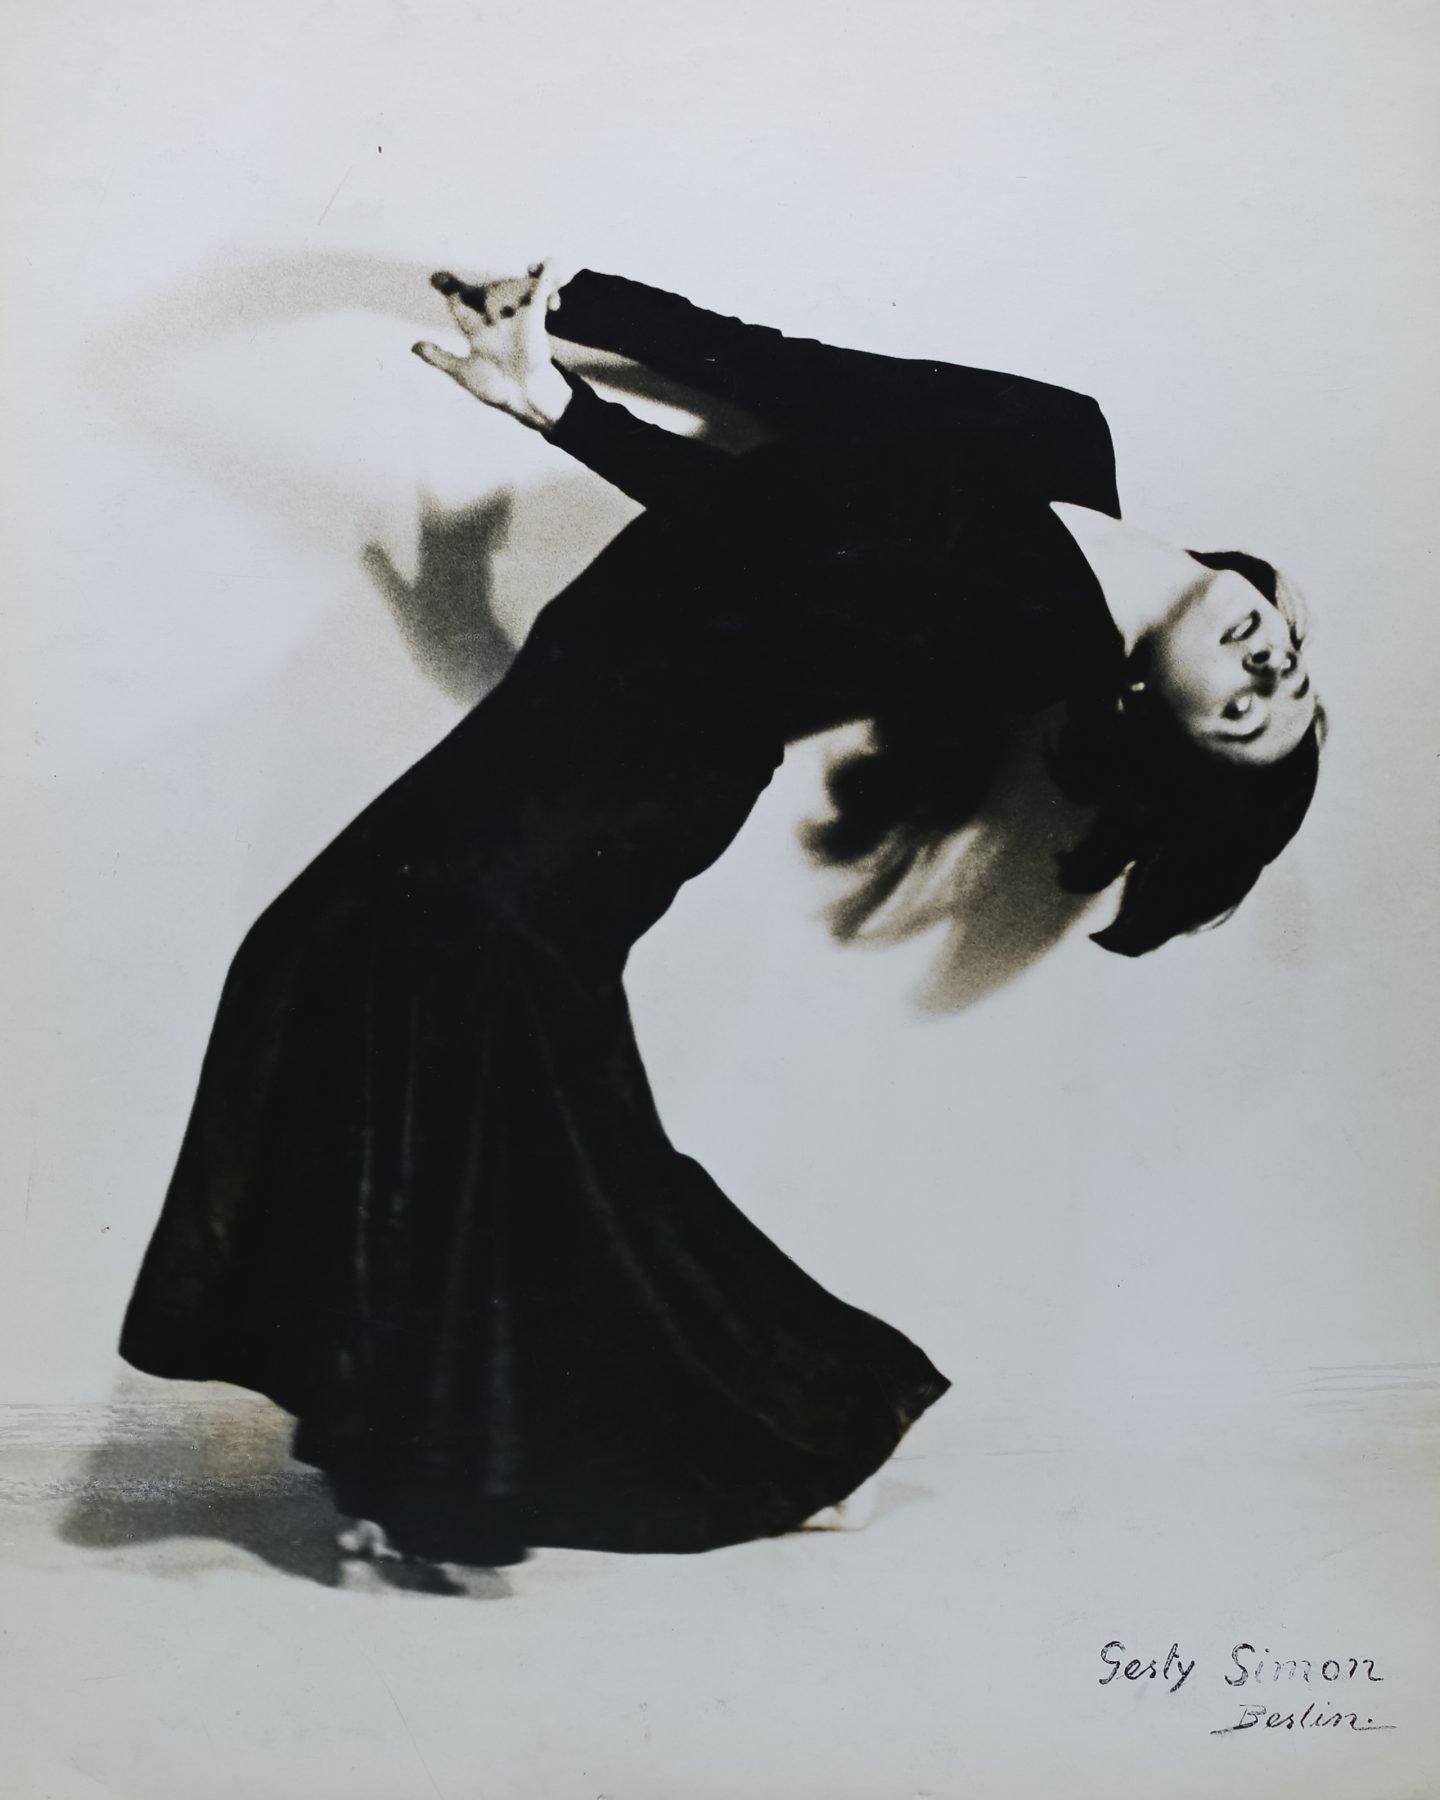 Die Tänzerin Lotte Goslar ist in einer verrenkten Körperposition zu sehen. Sie lehnt nach hinten, ihre Arme schwingen dabei nach vorn. Passend zu ihrem dunklen Haar trägt sie ein schwarzes, langes Kleid.